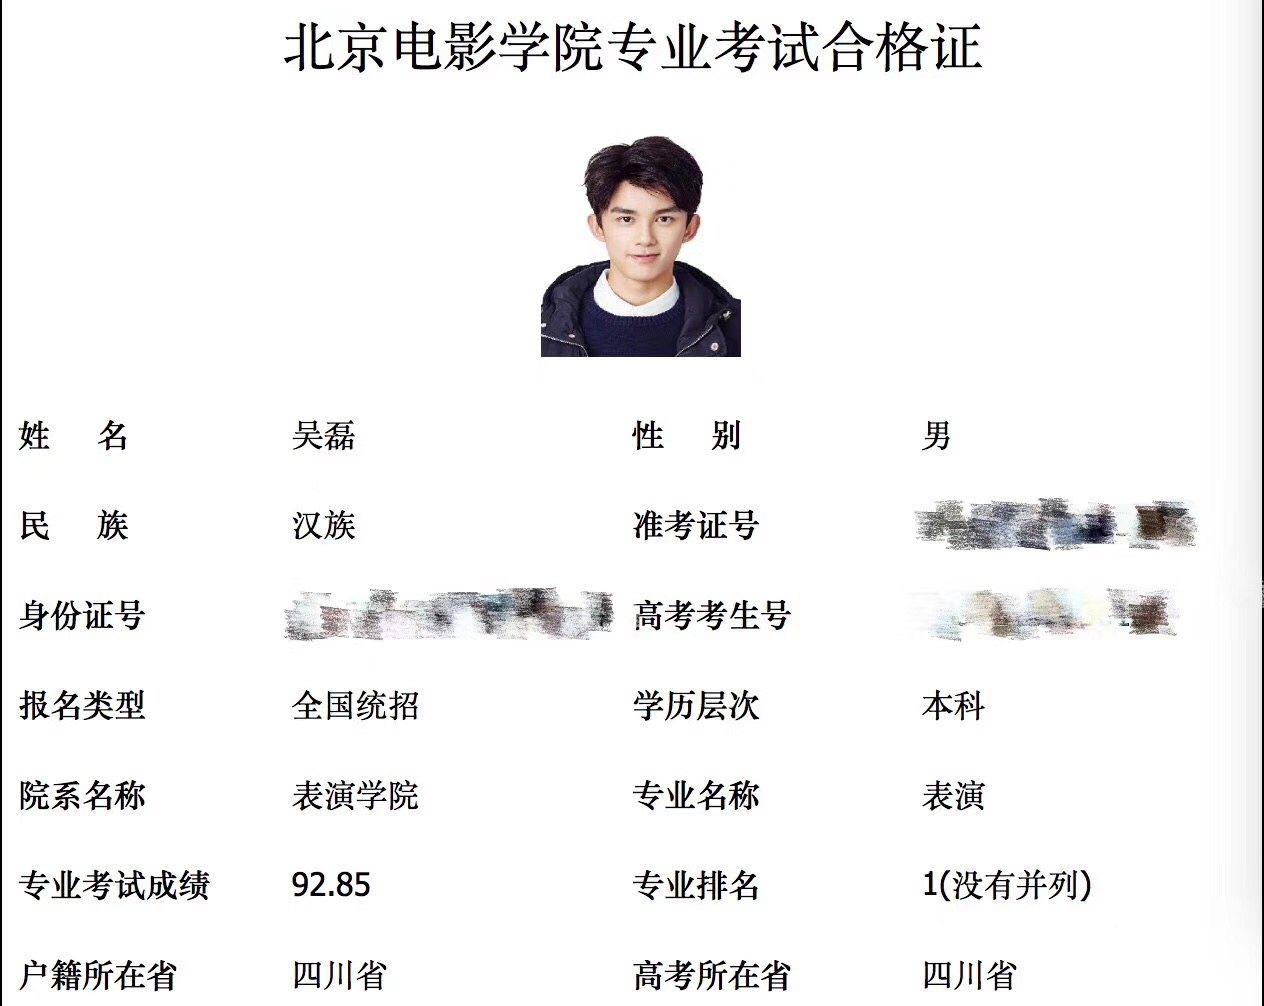 吴磊北电艺考成绩以92.85分获表演专业第一名